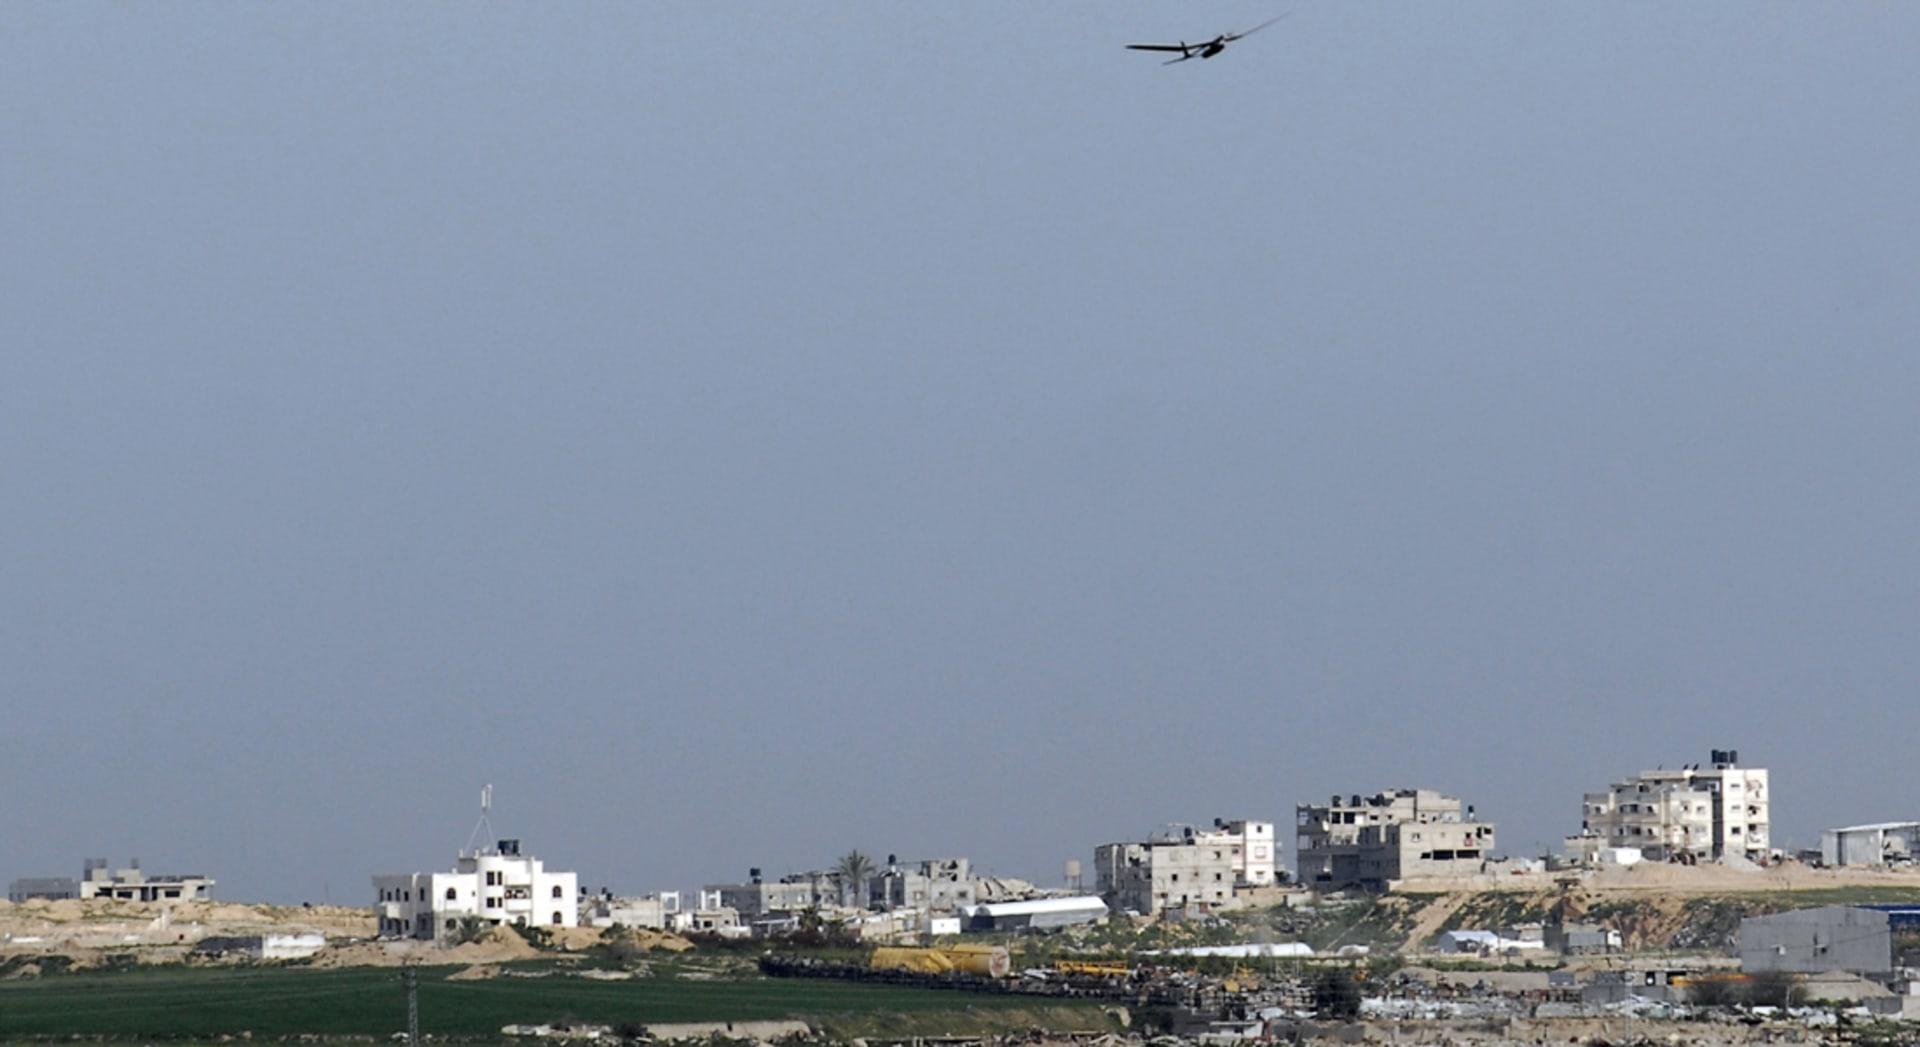 حماس: غارة إسرائيلية على دراجة نارية بغزة تصيب 7 أشخاص